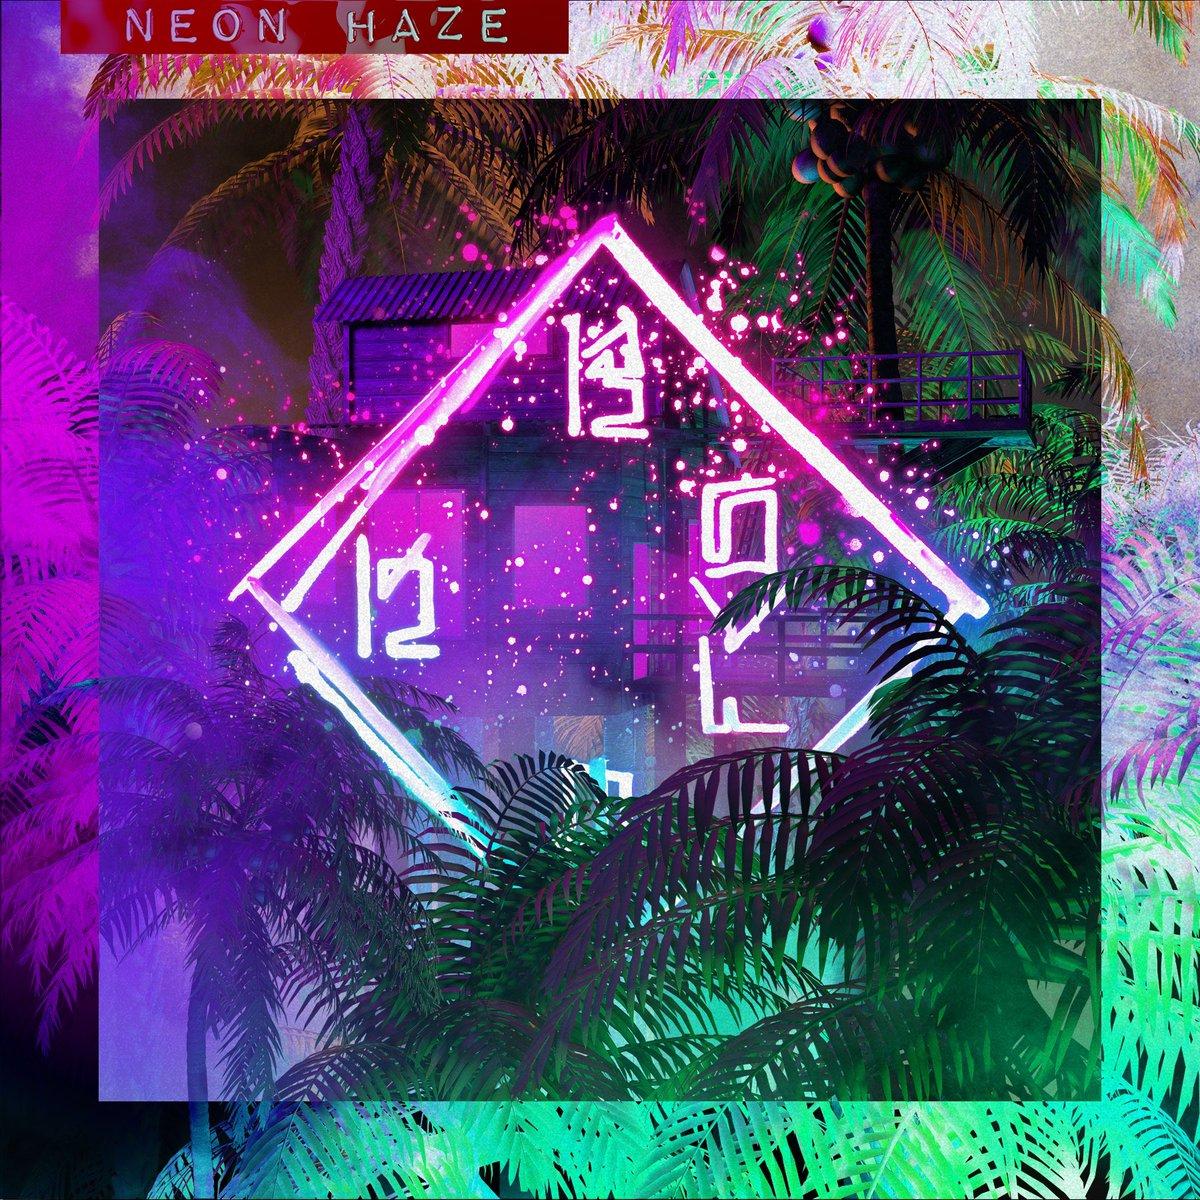 K. Roosevelt Neon Haze